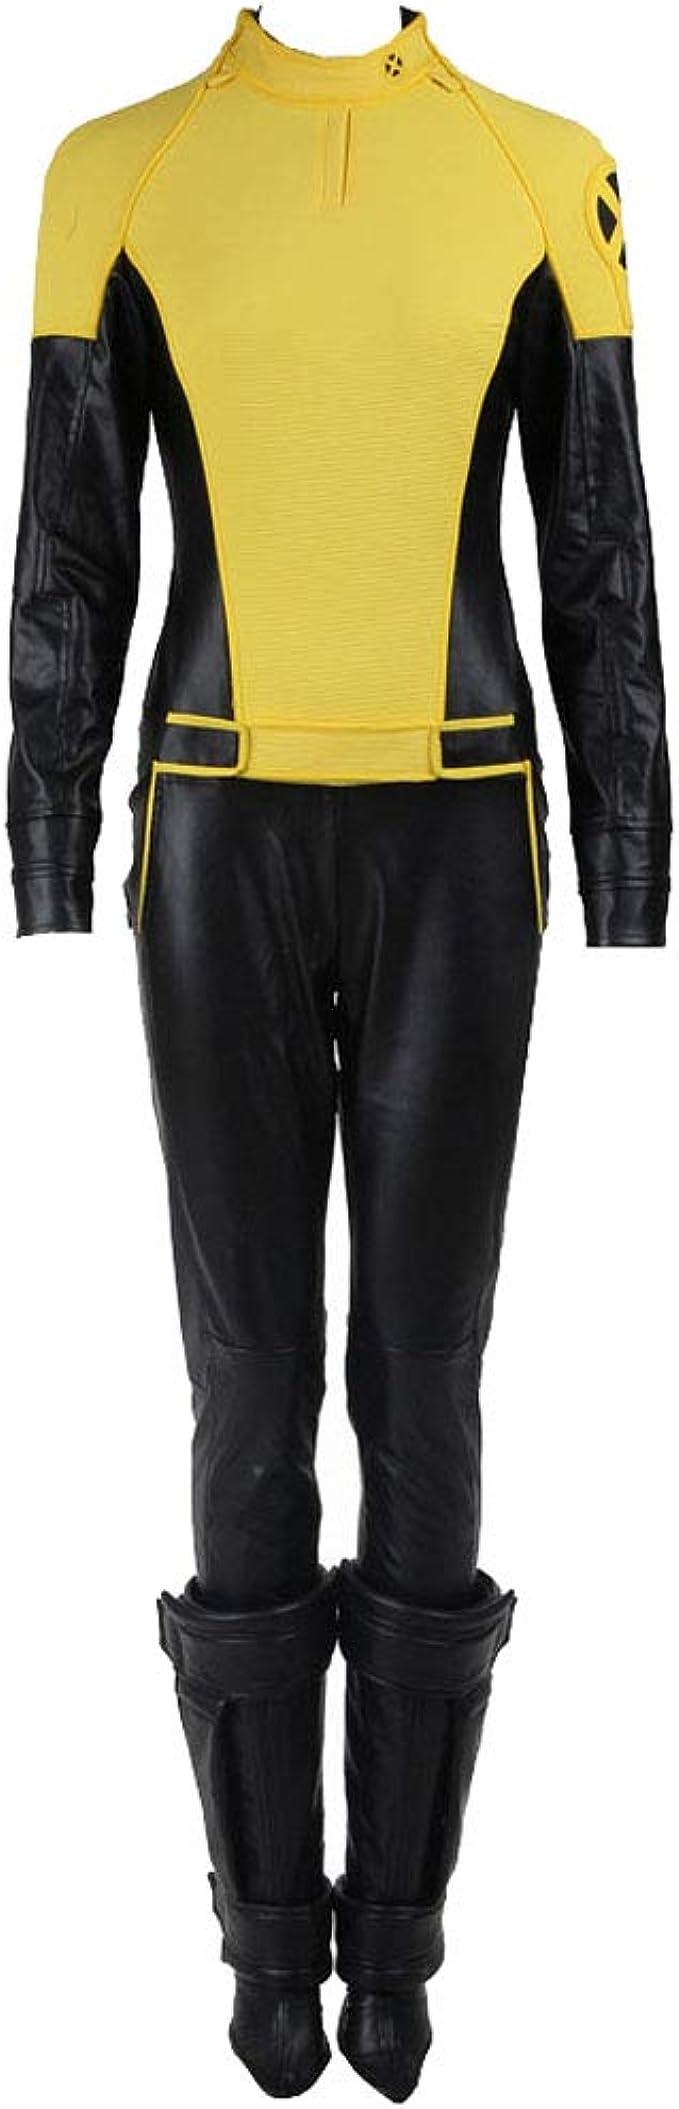 Amazon.com: cosplaydiy traje de la mujer para Deadpool ...